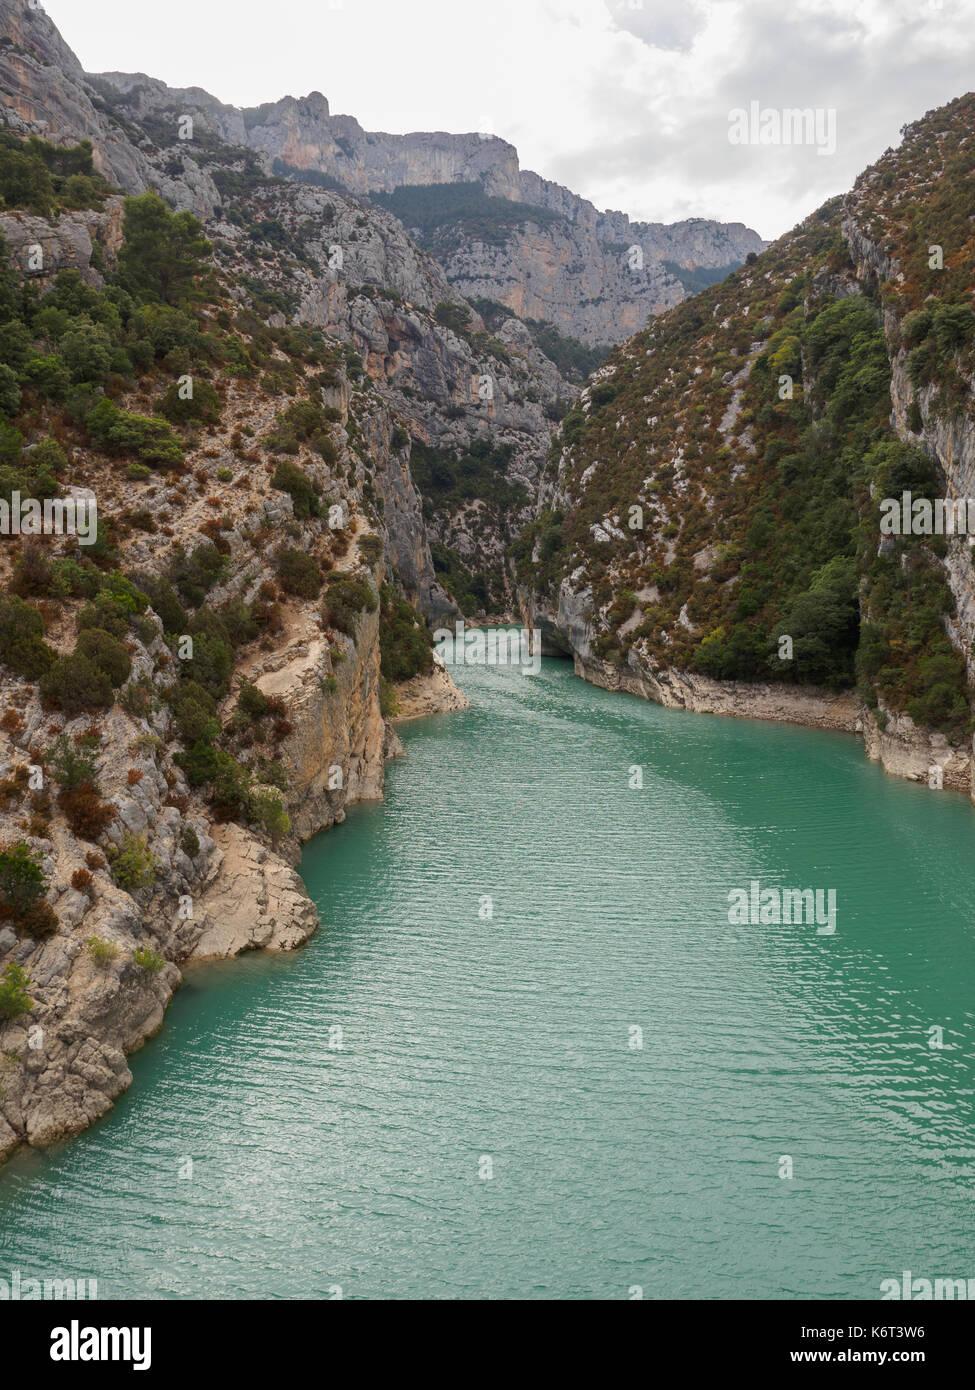 The gate of the Lac de Sainte-Croix to the Gorges du Verdon. Stock Photo